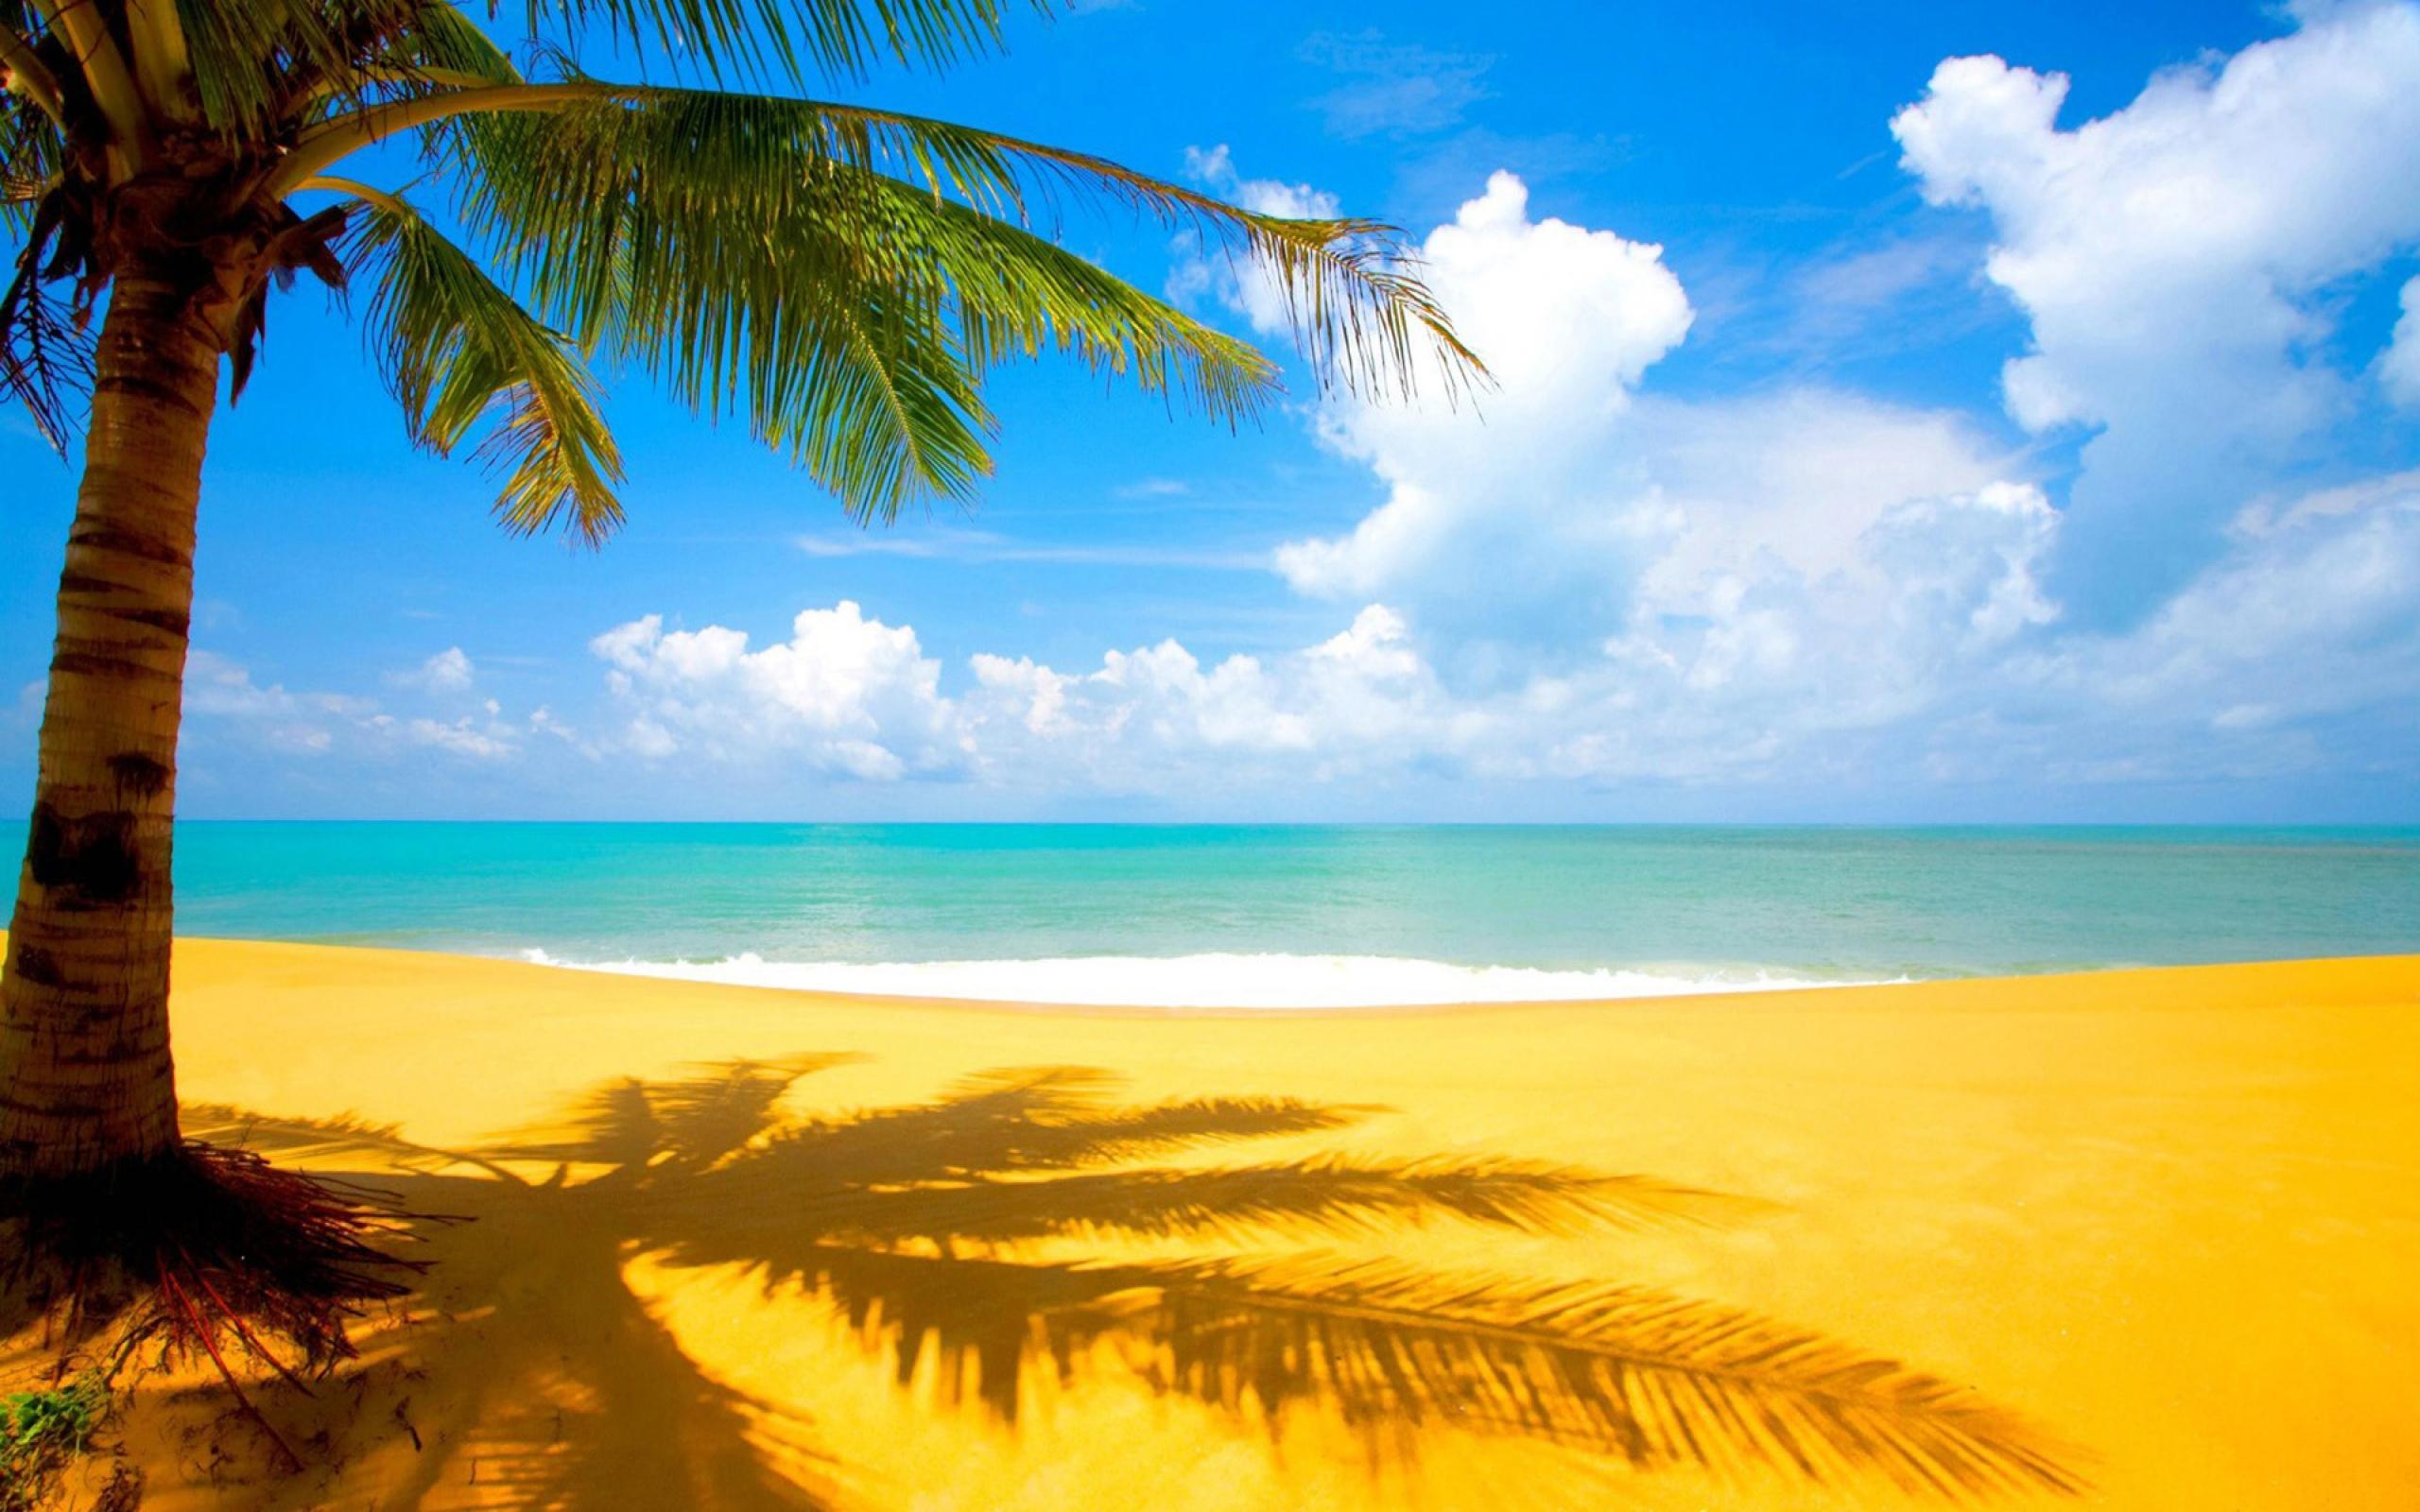 природа песок пляж дома море пальмы загрузить